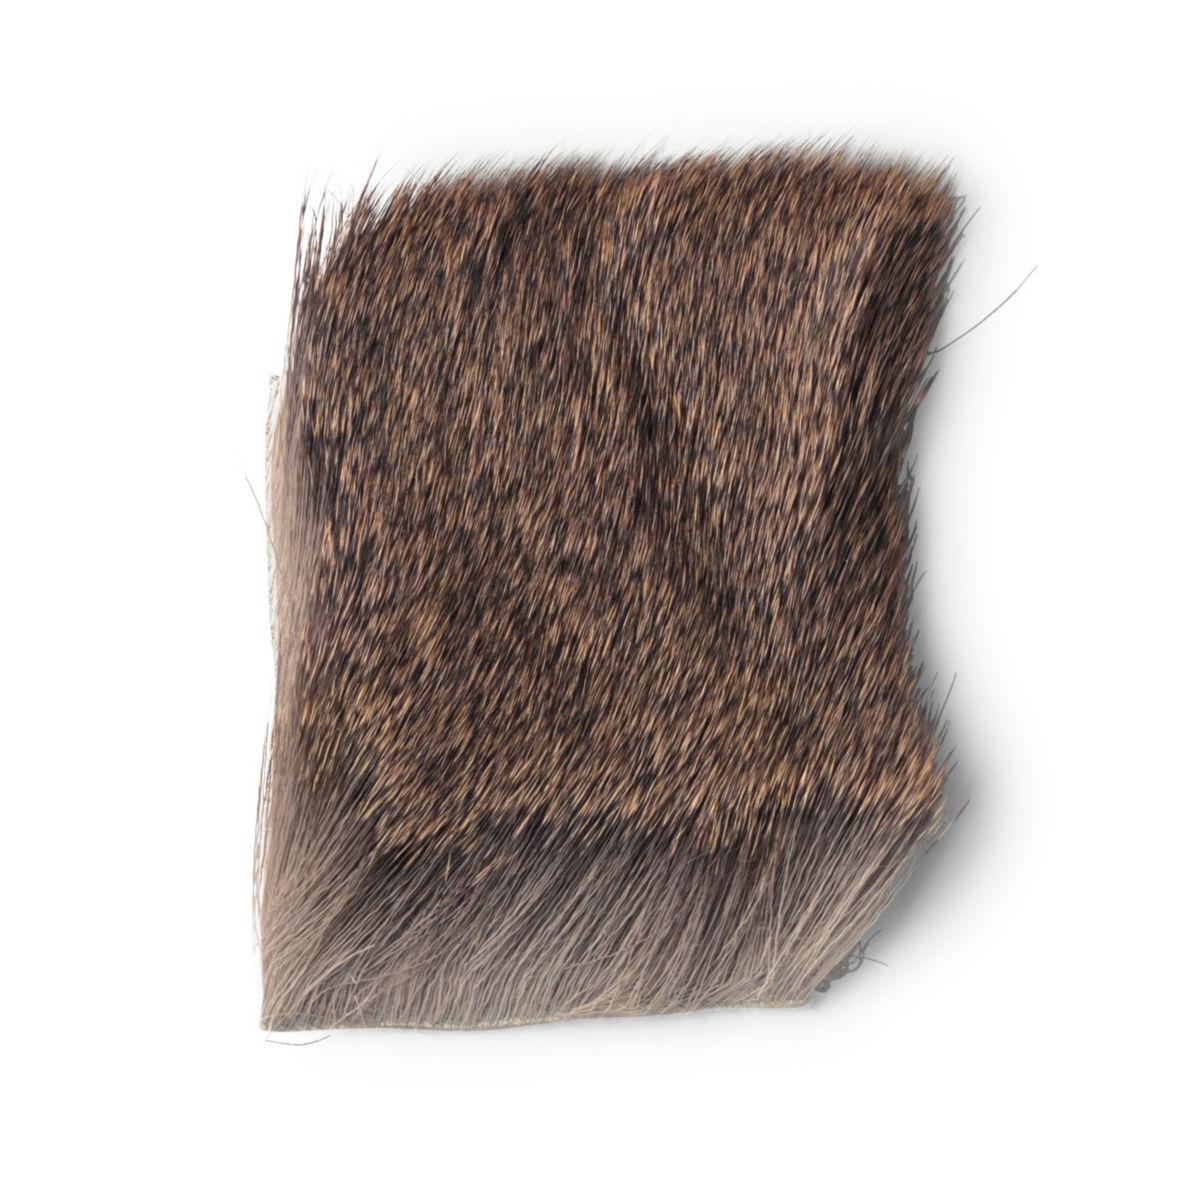 Deer Body Hair - image number 0